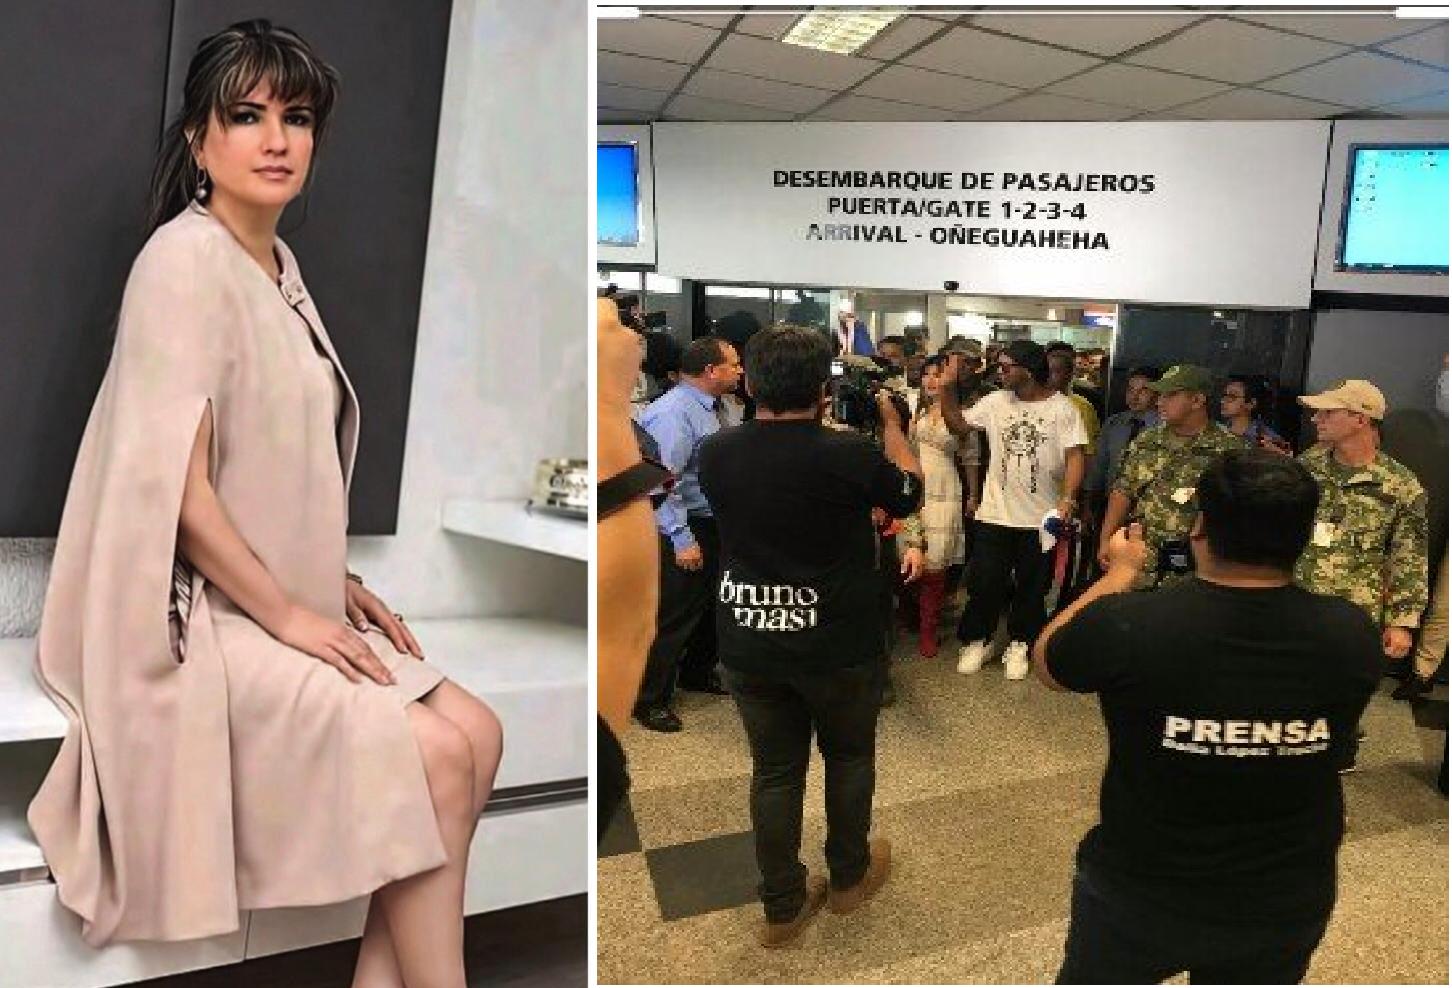 Dalia antes del escándalo posando su elegancia y el día que recibió a Ronaldinho en el aeropuerto. Hasta ahora no Dalia no aparece.